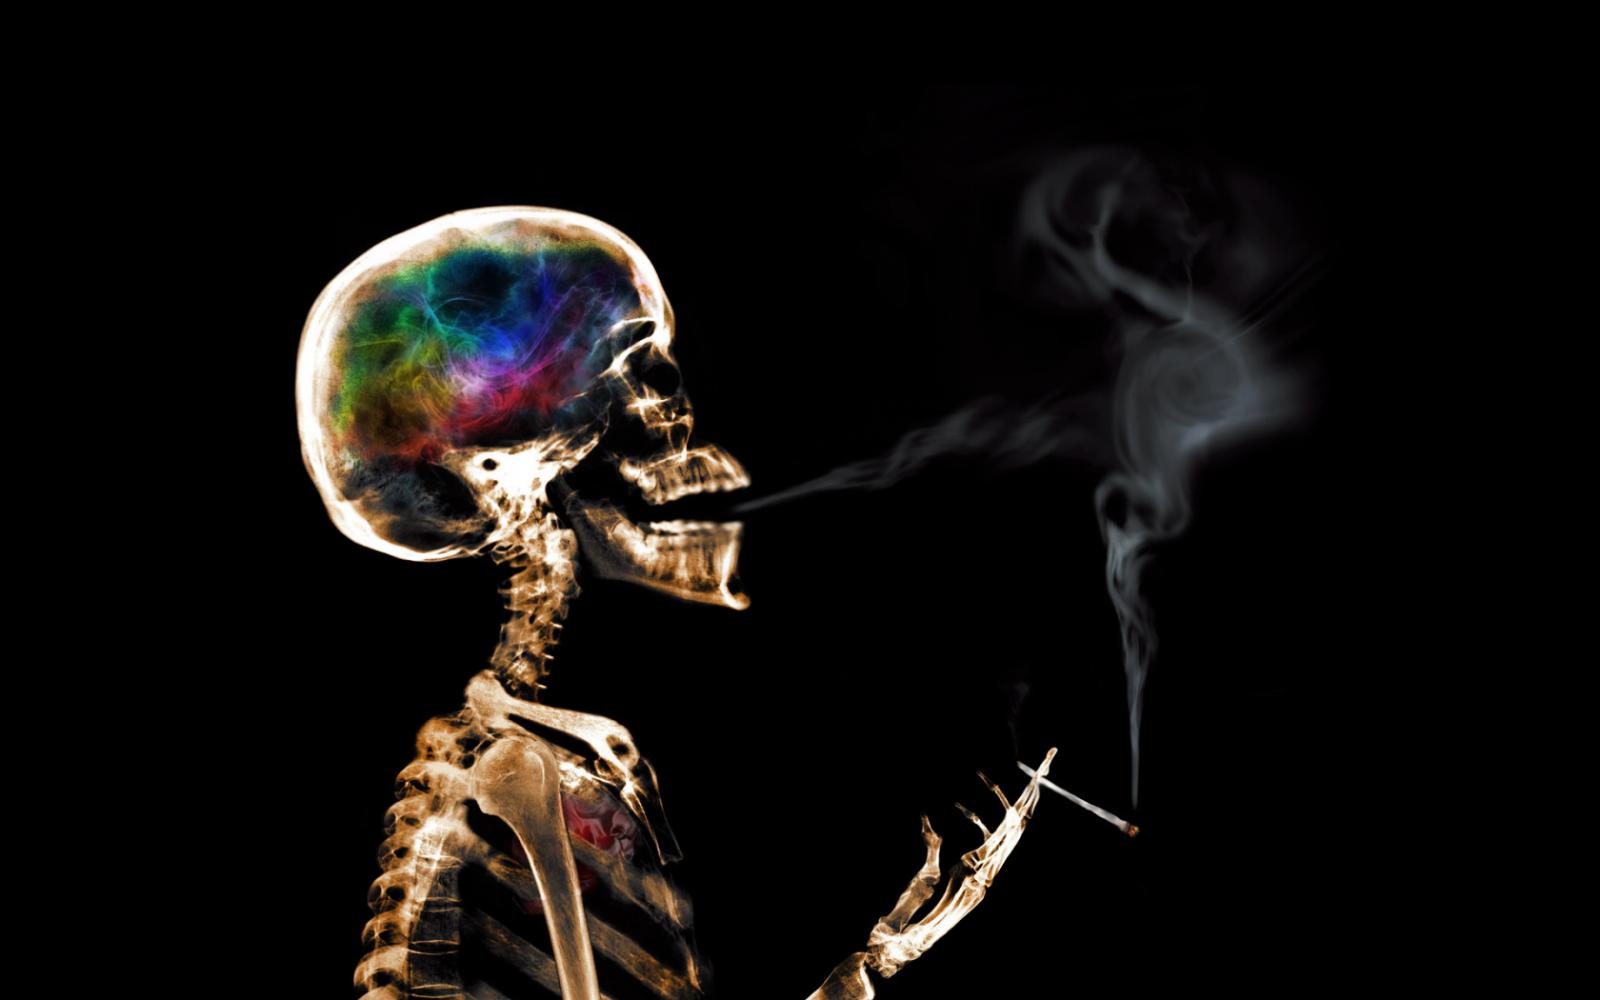 skeleton, smoking, skull, colorful, smoke, artwork